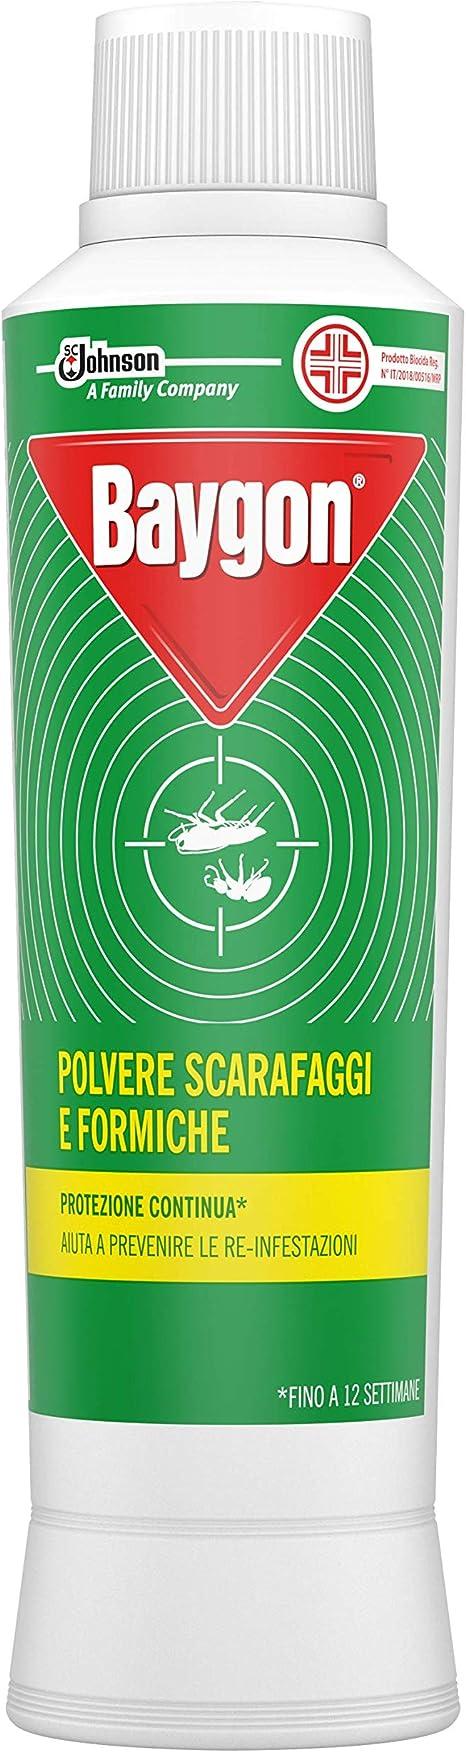 Baygon 250 gr insetticida in polvere veleno scarafaggi formiche insetti